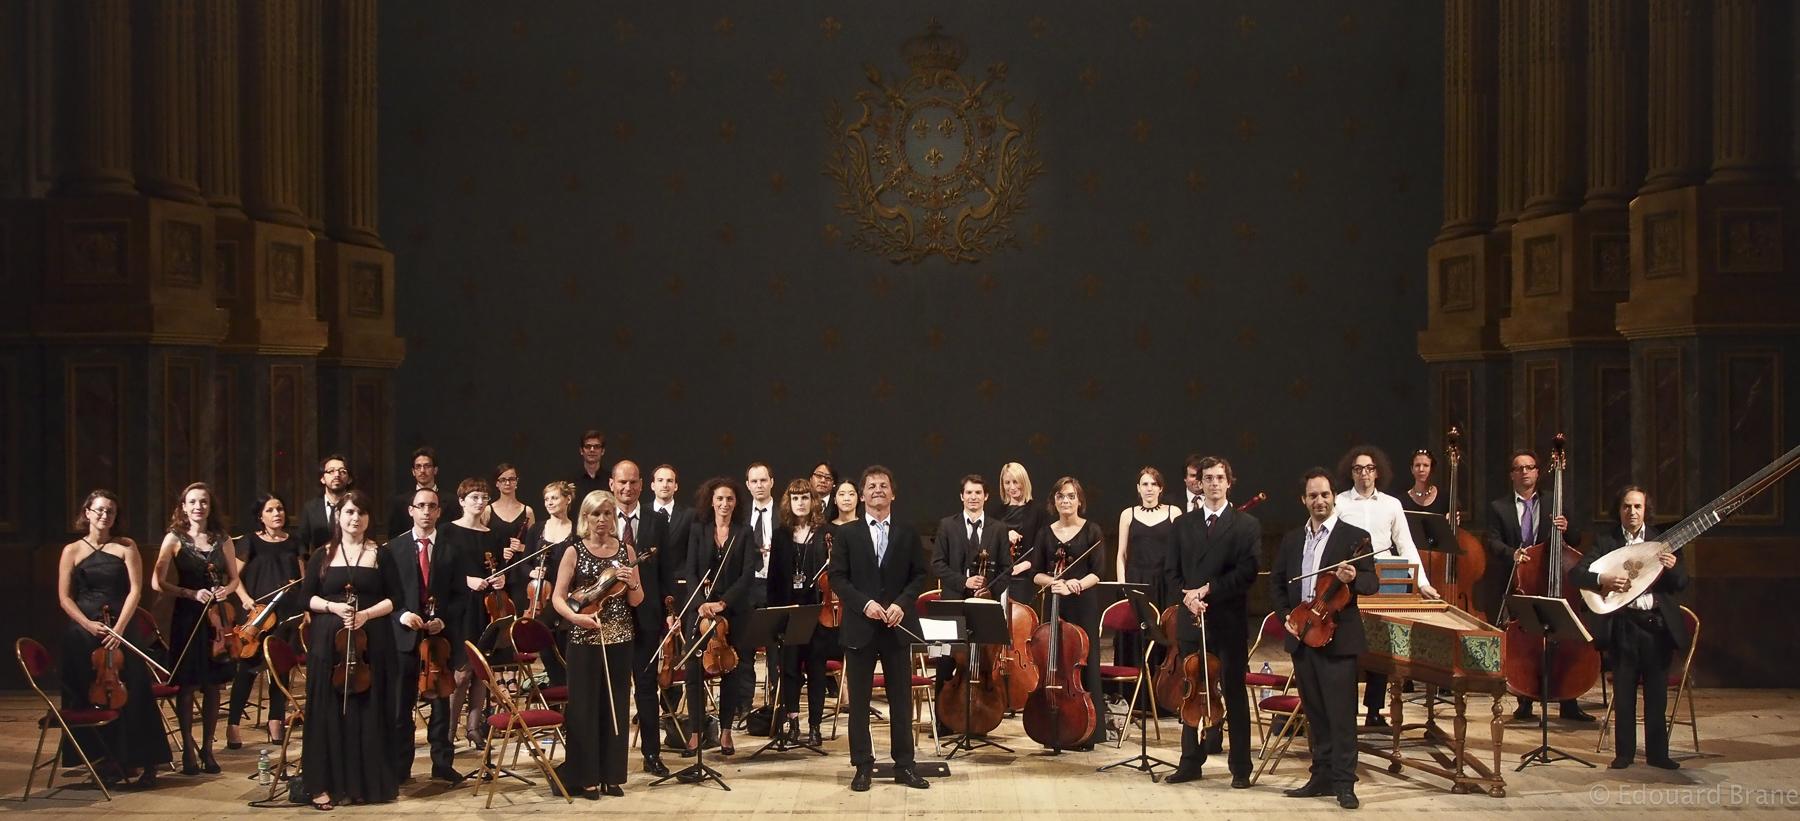 Večer s Antoniom Vivaldim